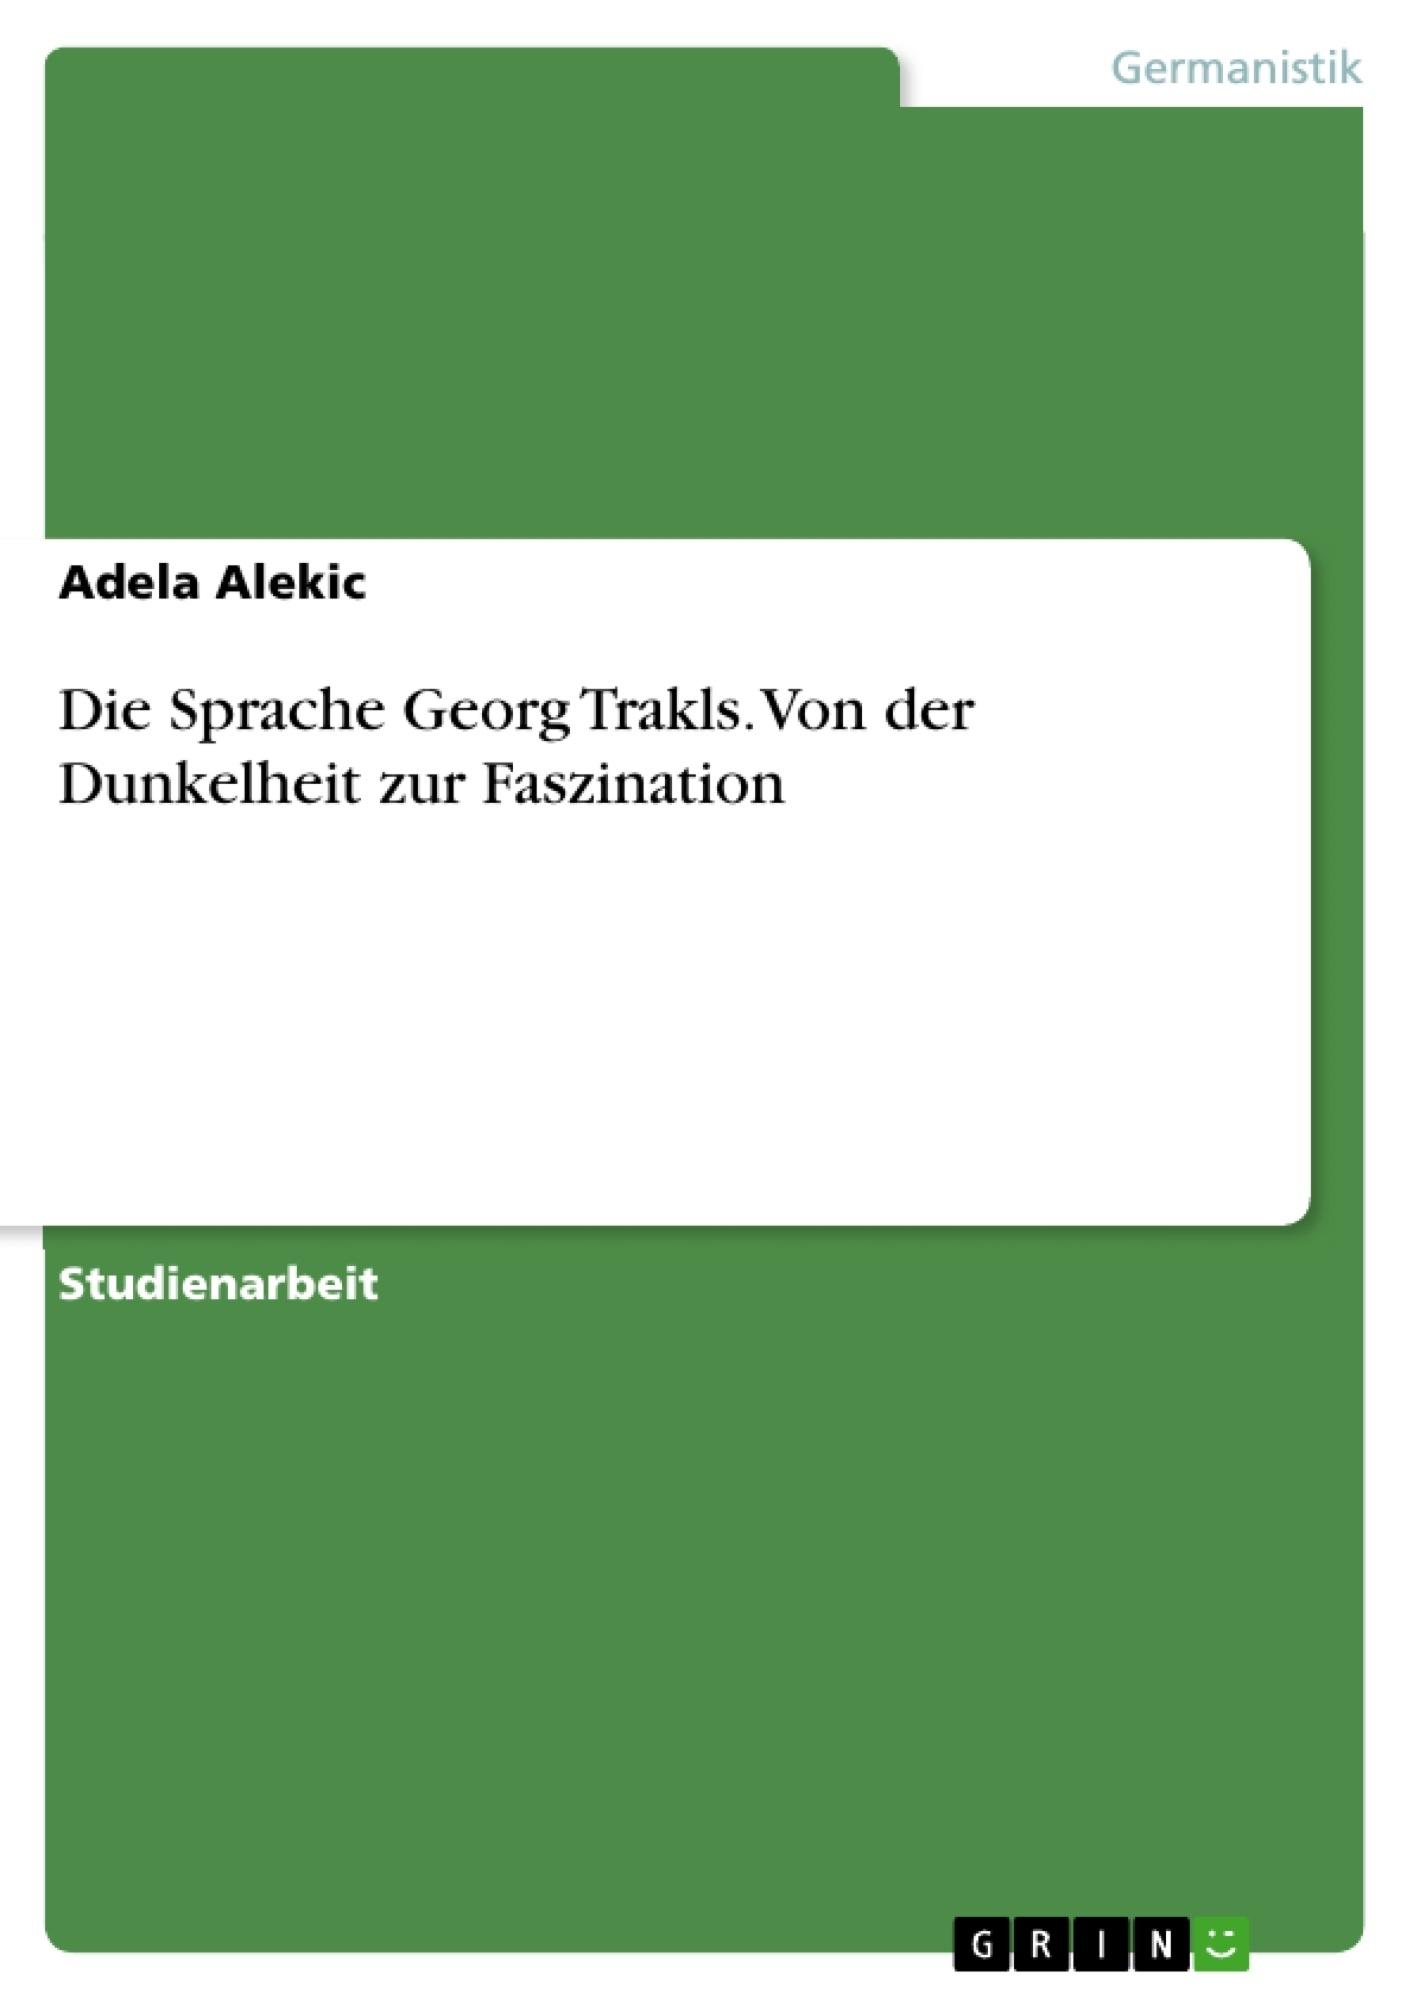 Titel: Die Sprache Georg Trakls. Von der Dunkelheit zur Faszination